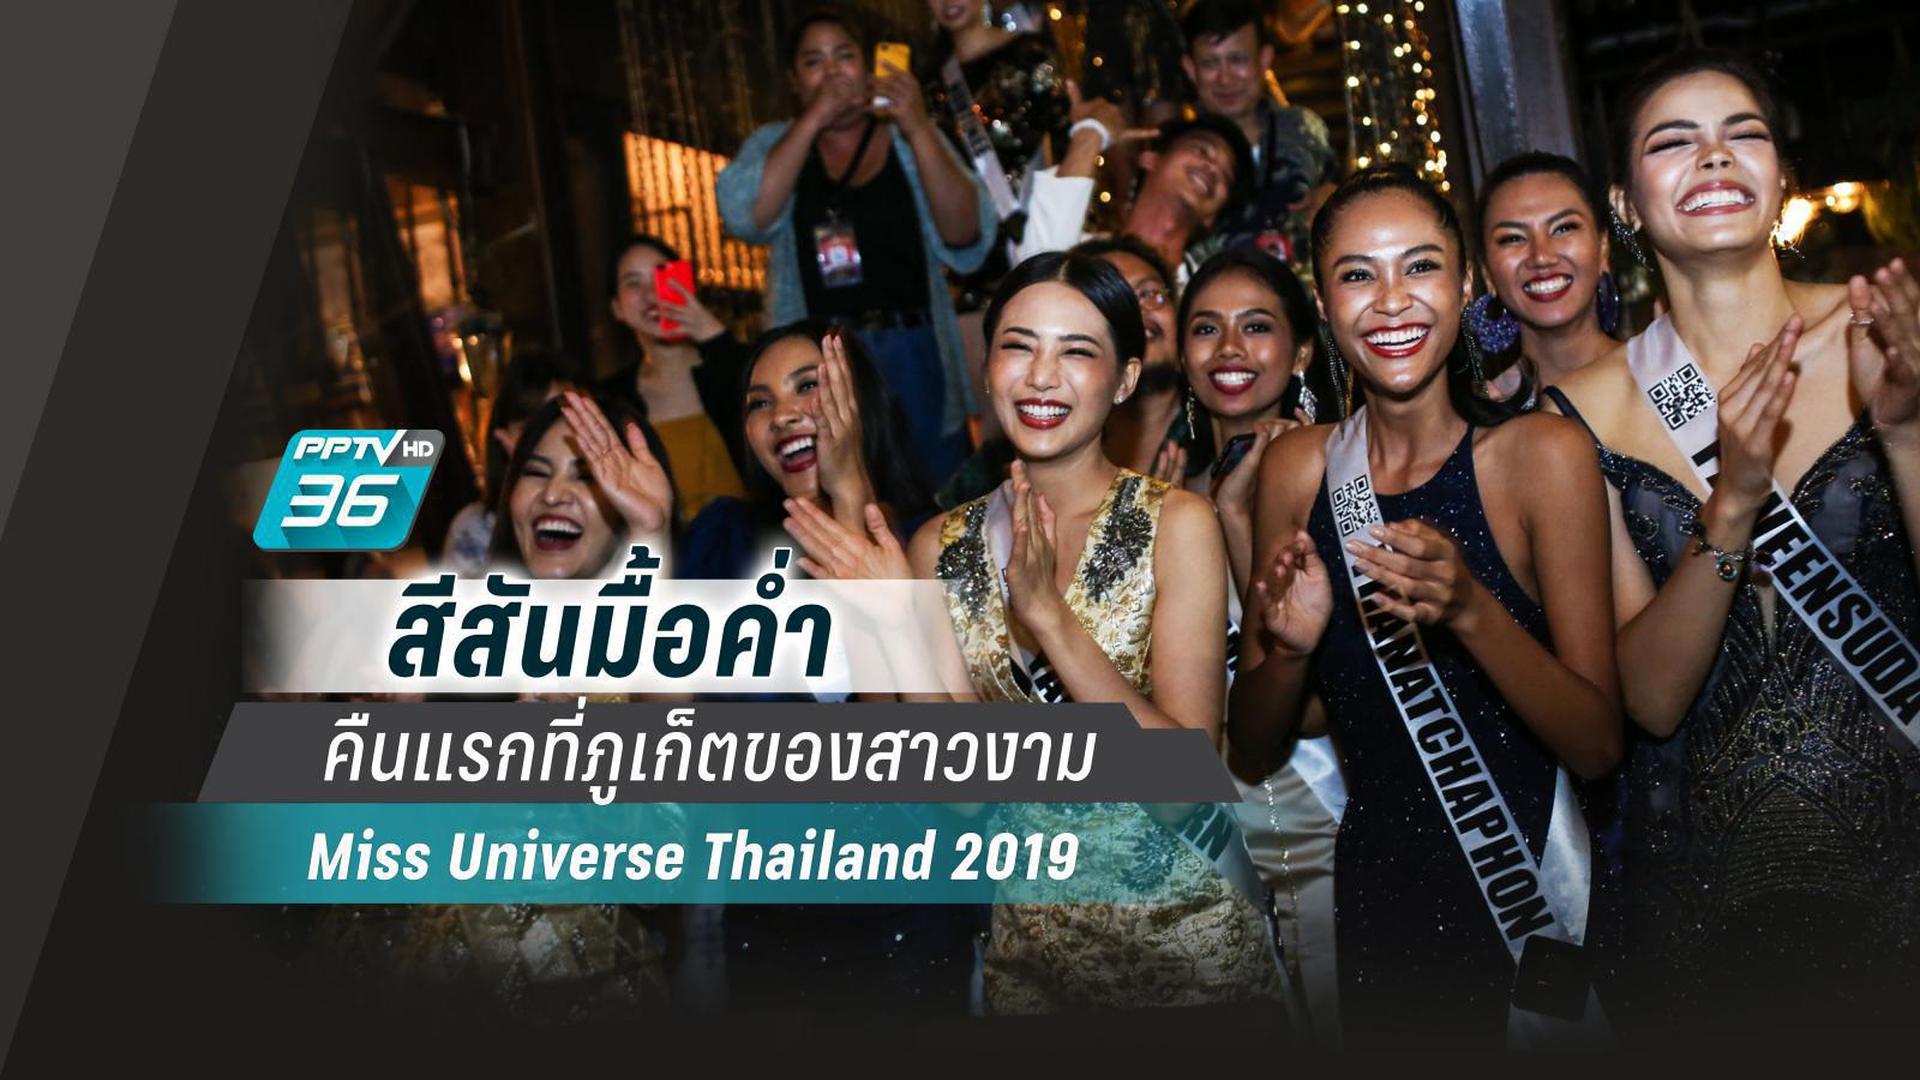 สีสันมื้อค่ำคืนแรกที่ภูเก็ตของสาวงาม Miss Universe Thailand 2019